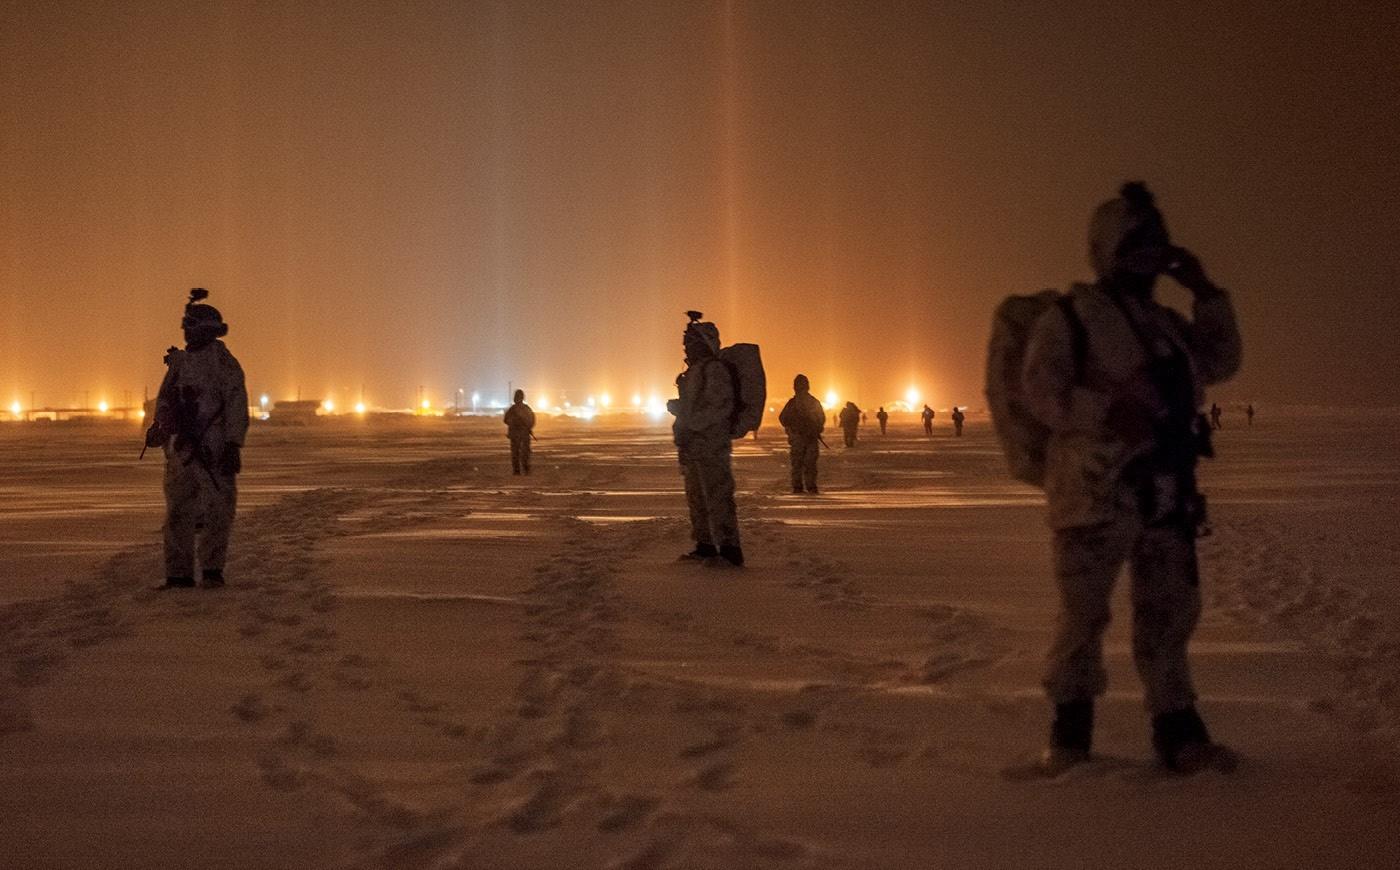 حرب باردة في القطب الشمالي